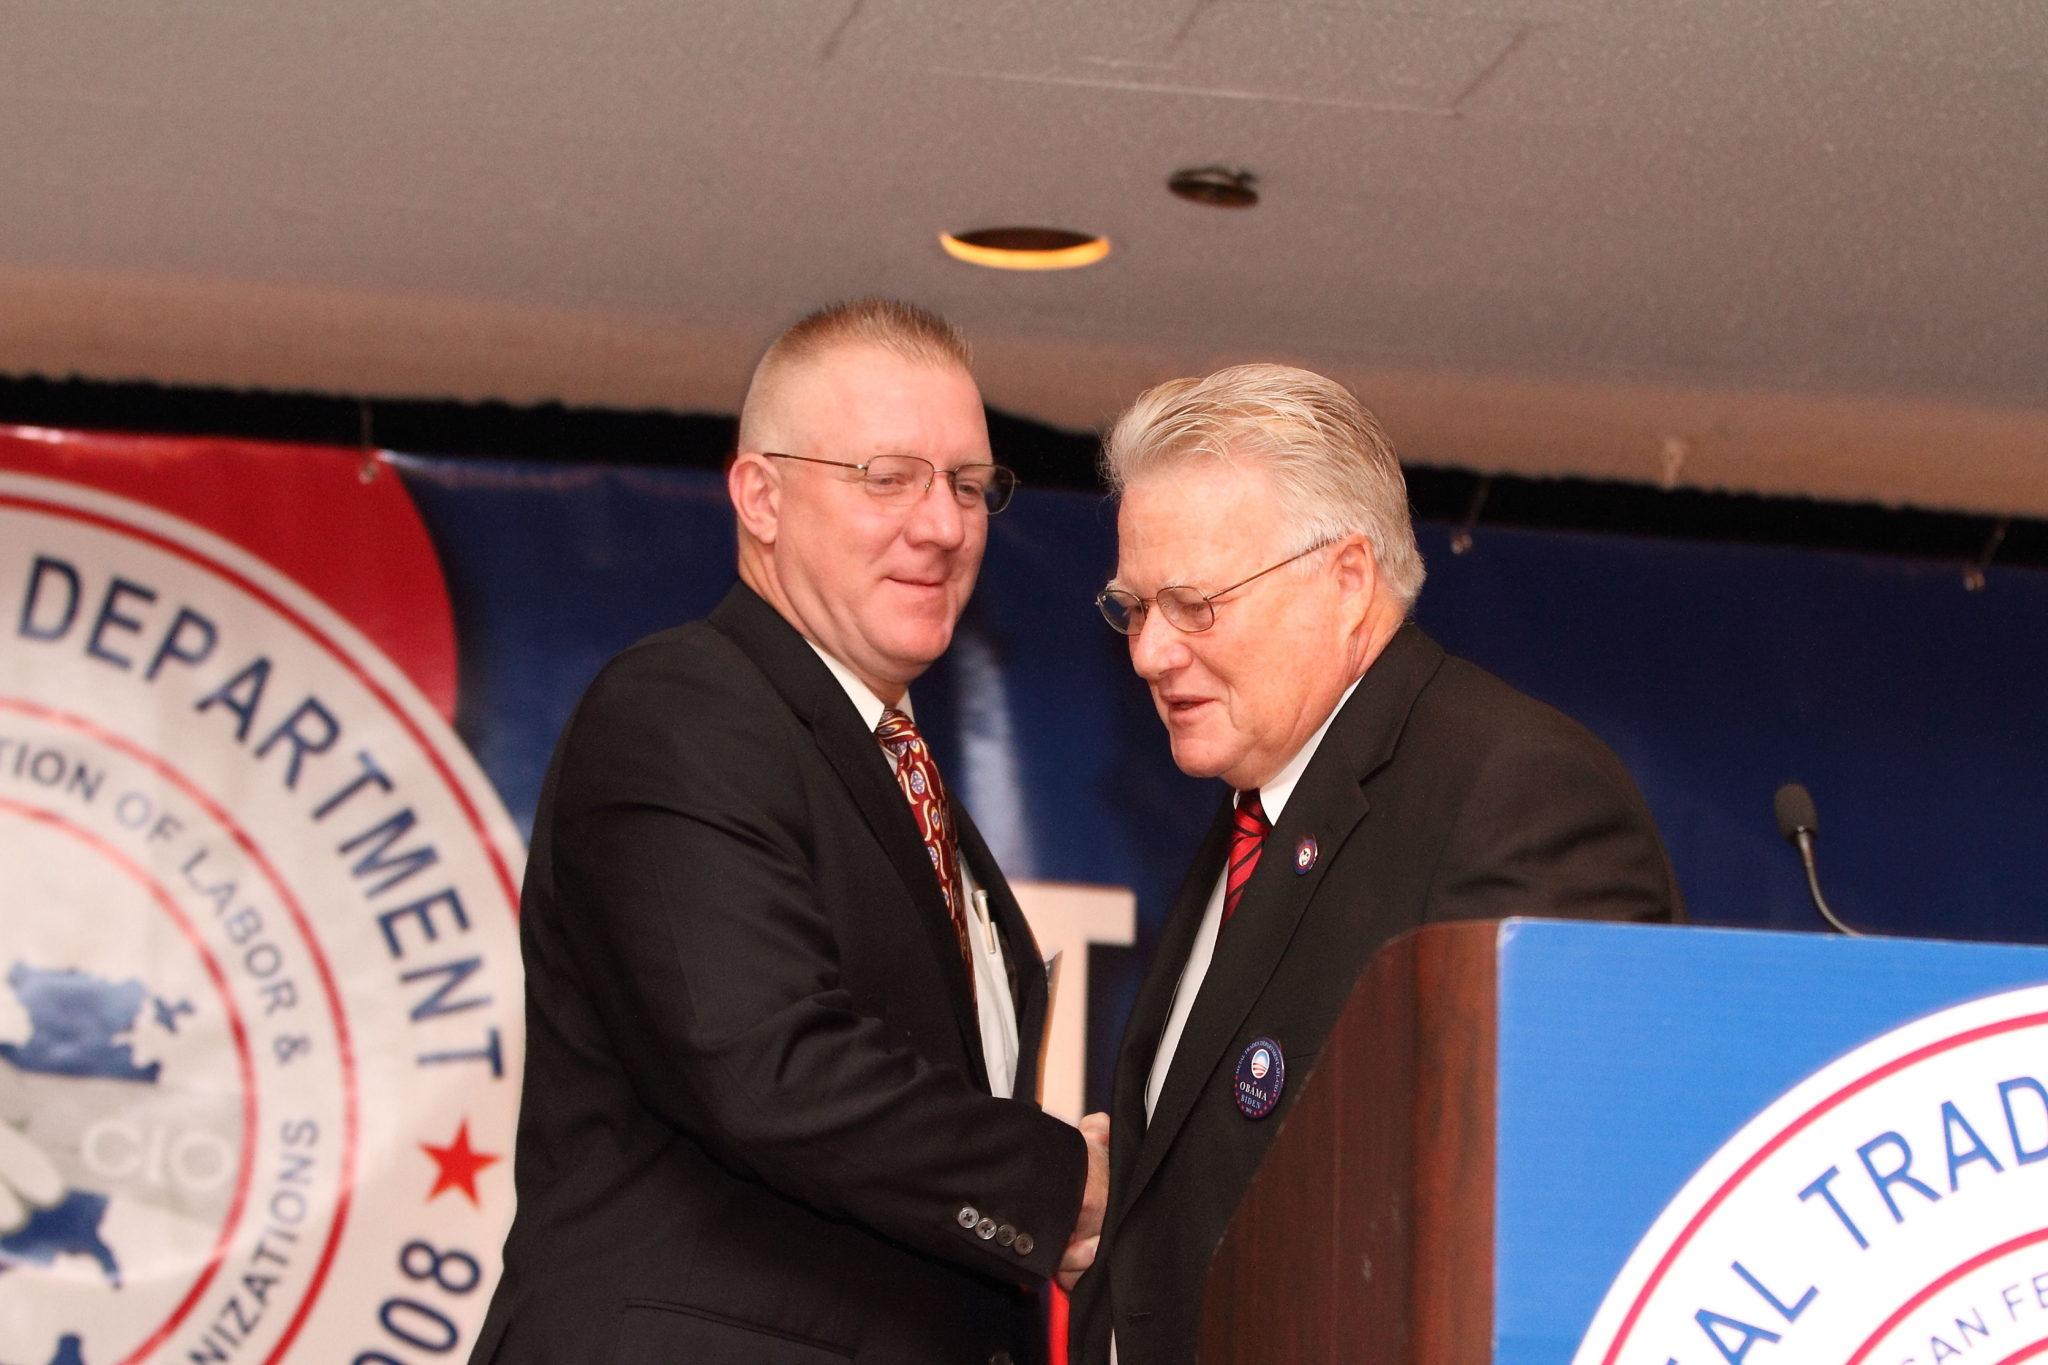 Sean McGarvey, BCTD President